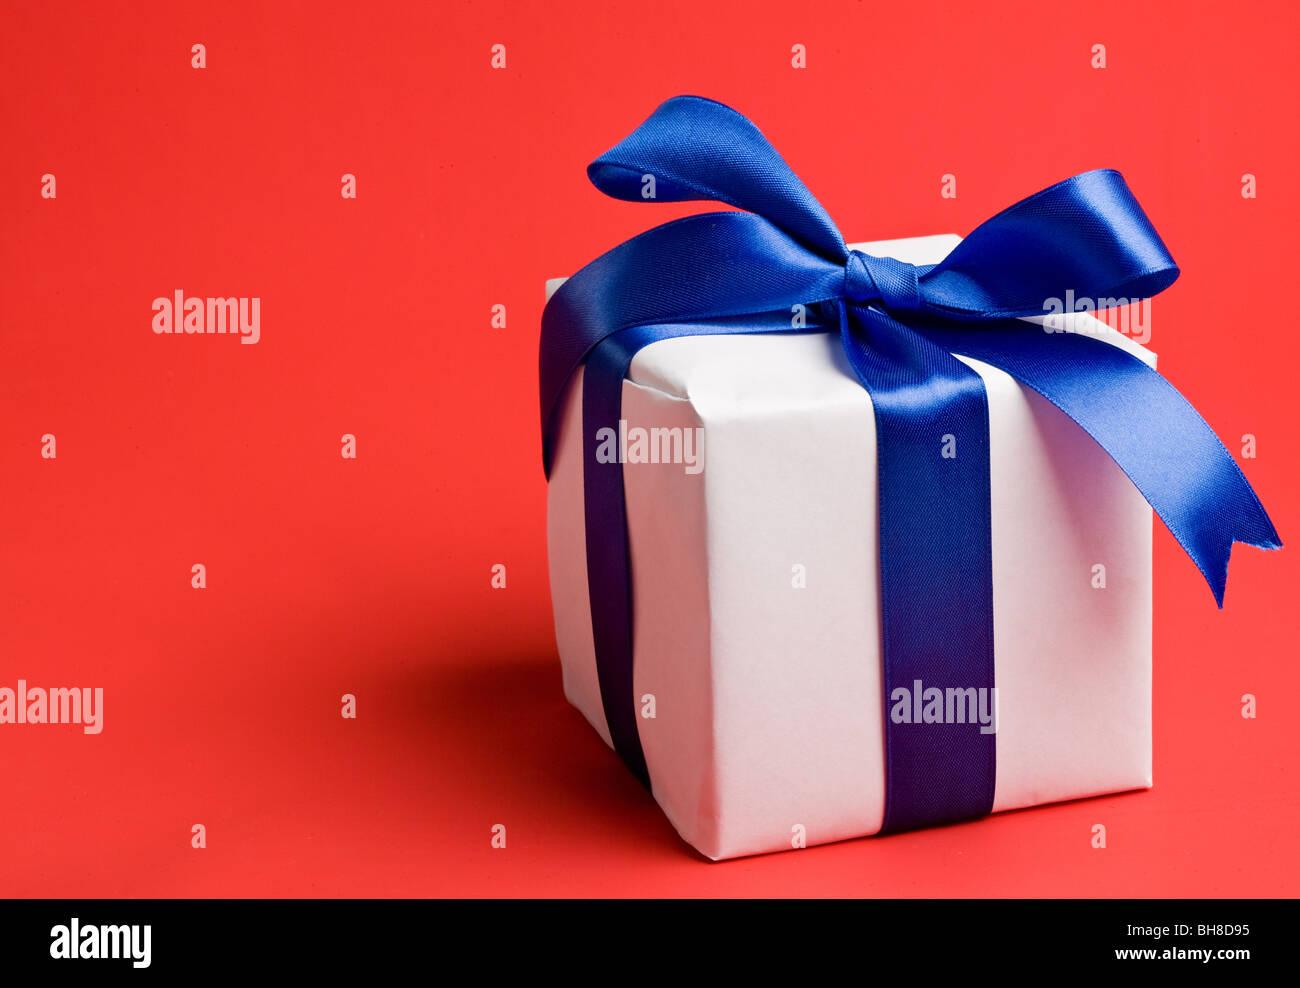 Regalo de color blanco con un lazo azul sobre un fondo rojo. Imagen De Stock